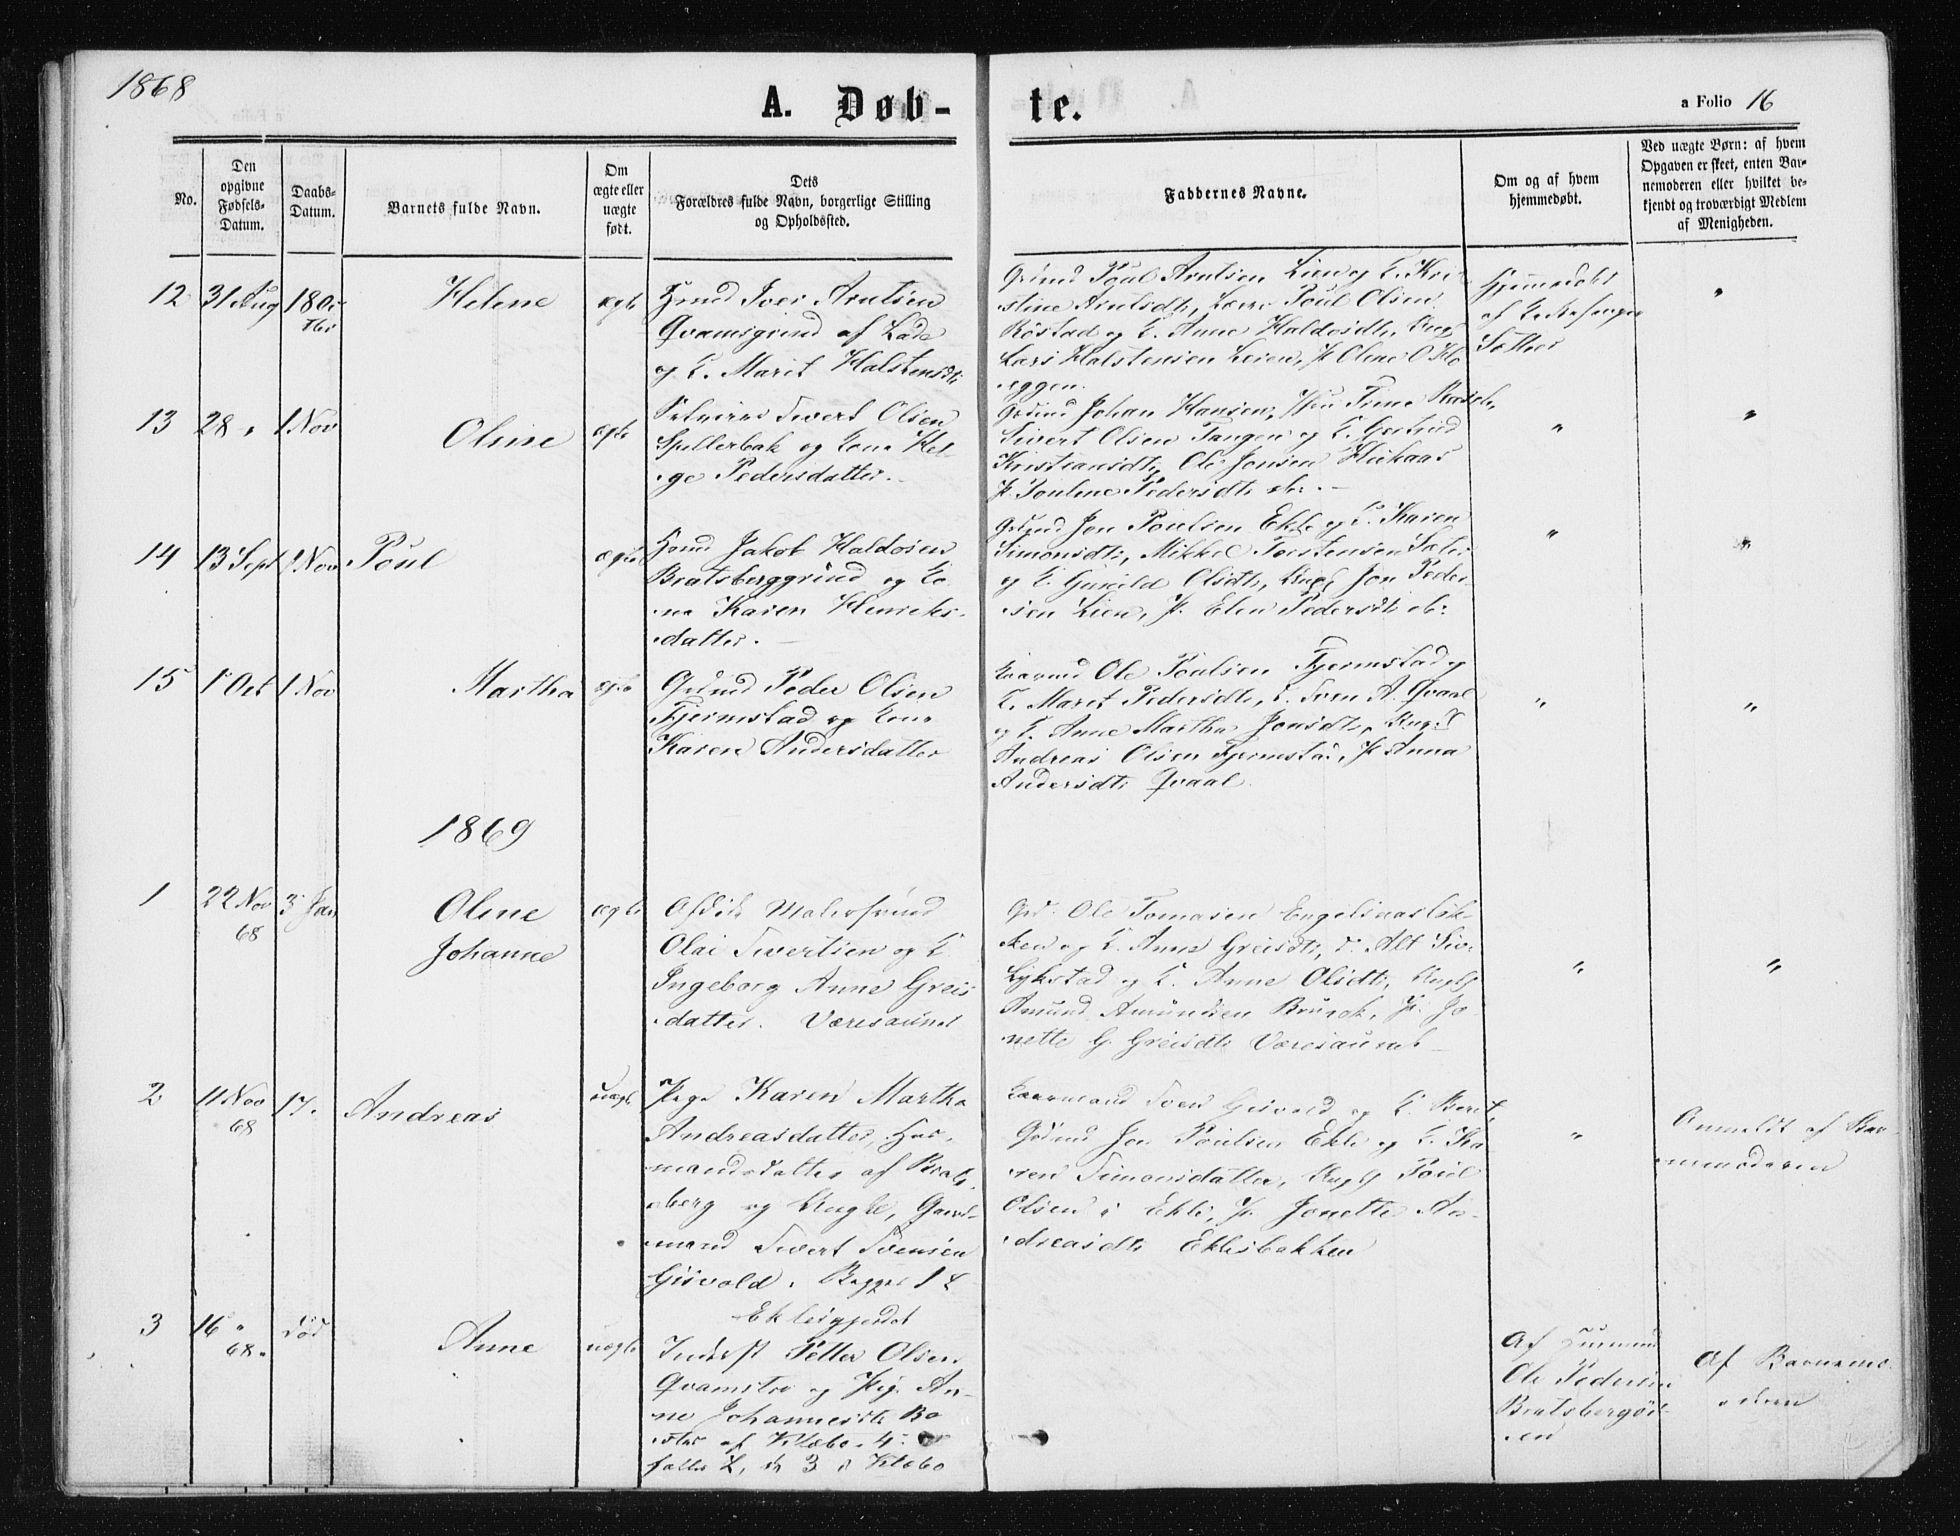 SAT, Ministerialprotokoller, klokkerbøker og fødselsregistre - Sør-Trøndelag, 608/L0333: Ministerialbok nr. 608A02, 1862-1876, s. 16